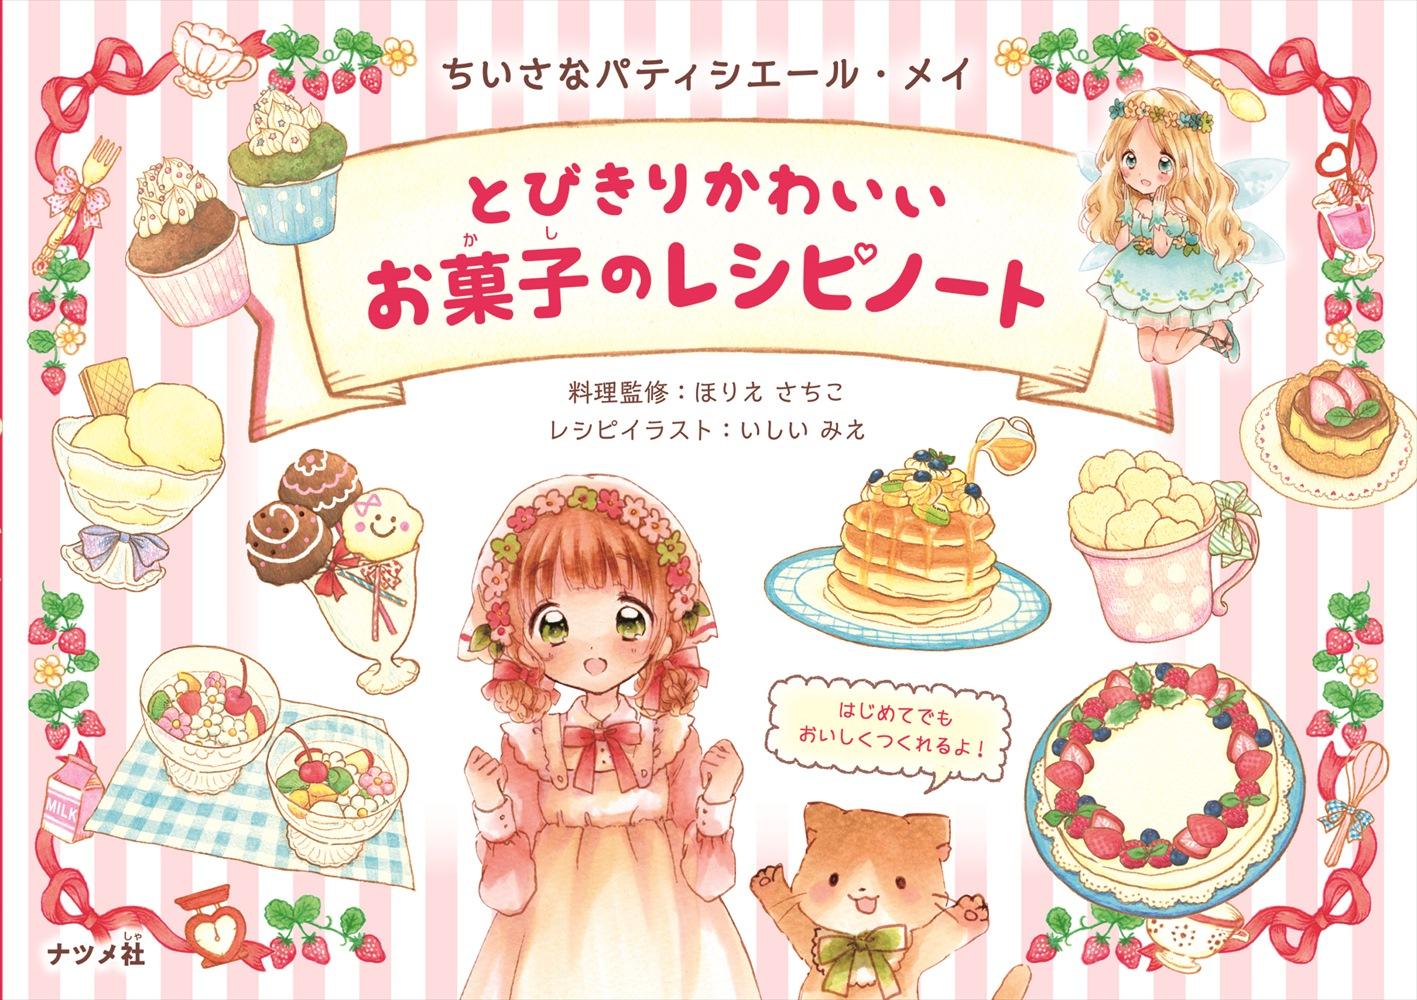 とびきりかわいいお菓子のレシピノートの表紙